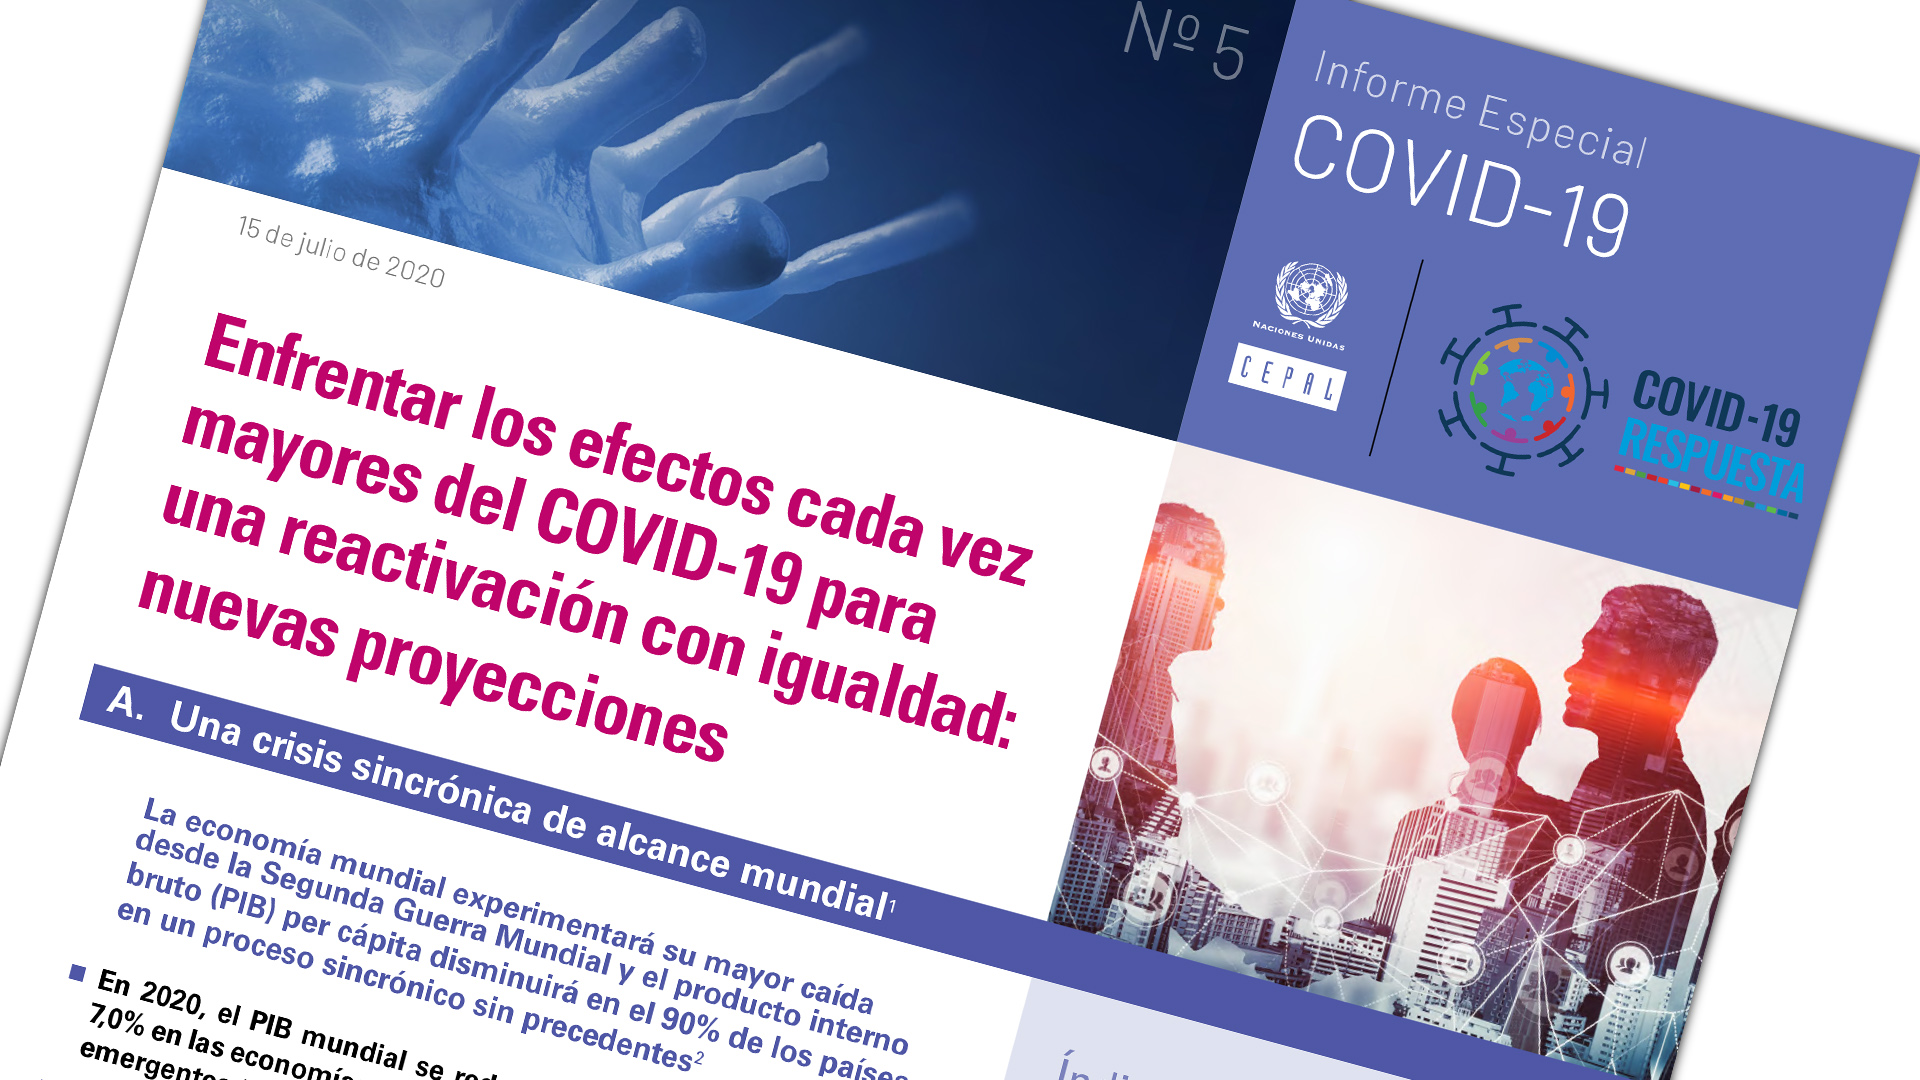 Portada Informe Especial COVID No. 5